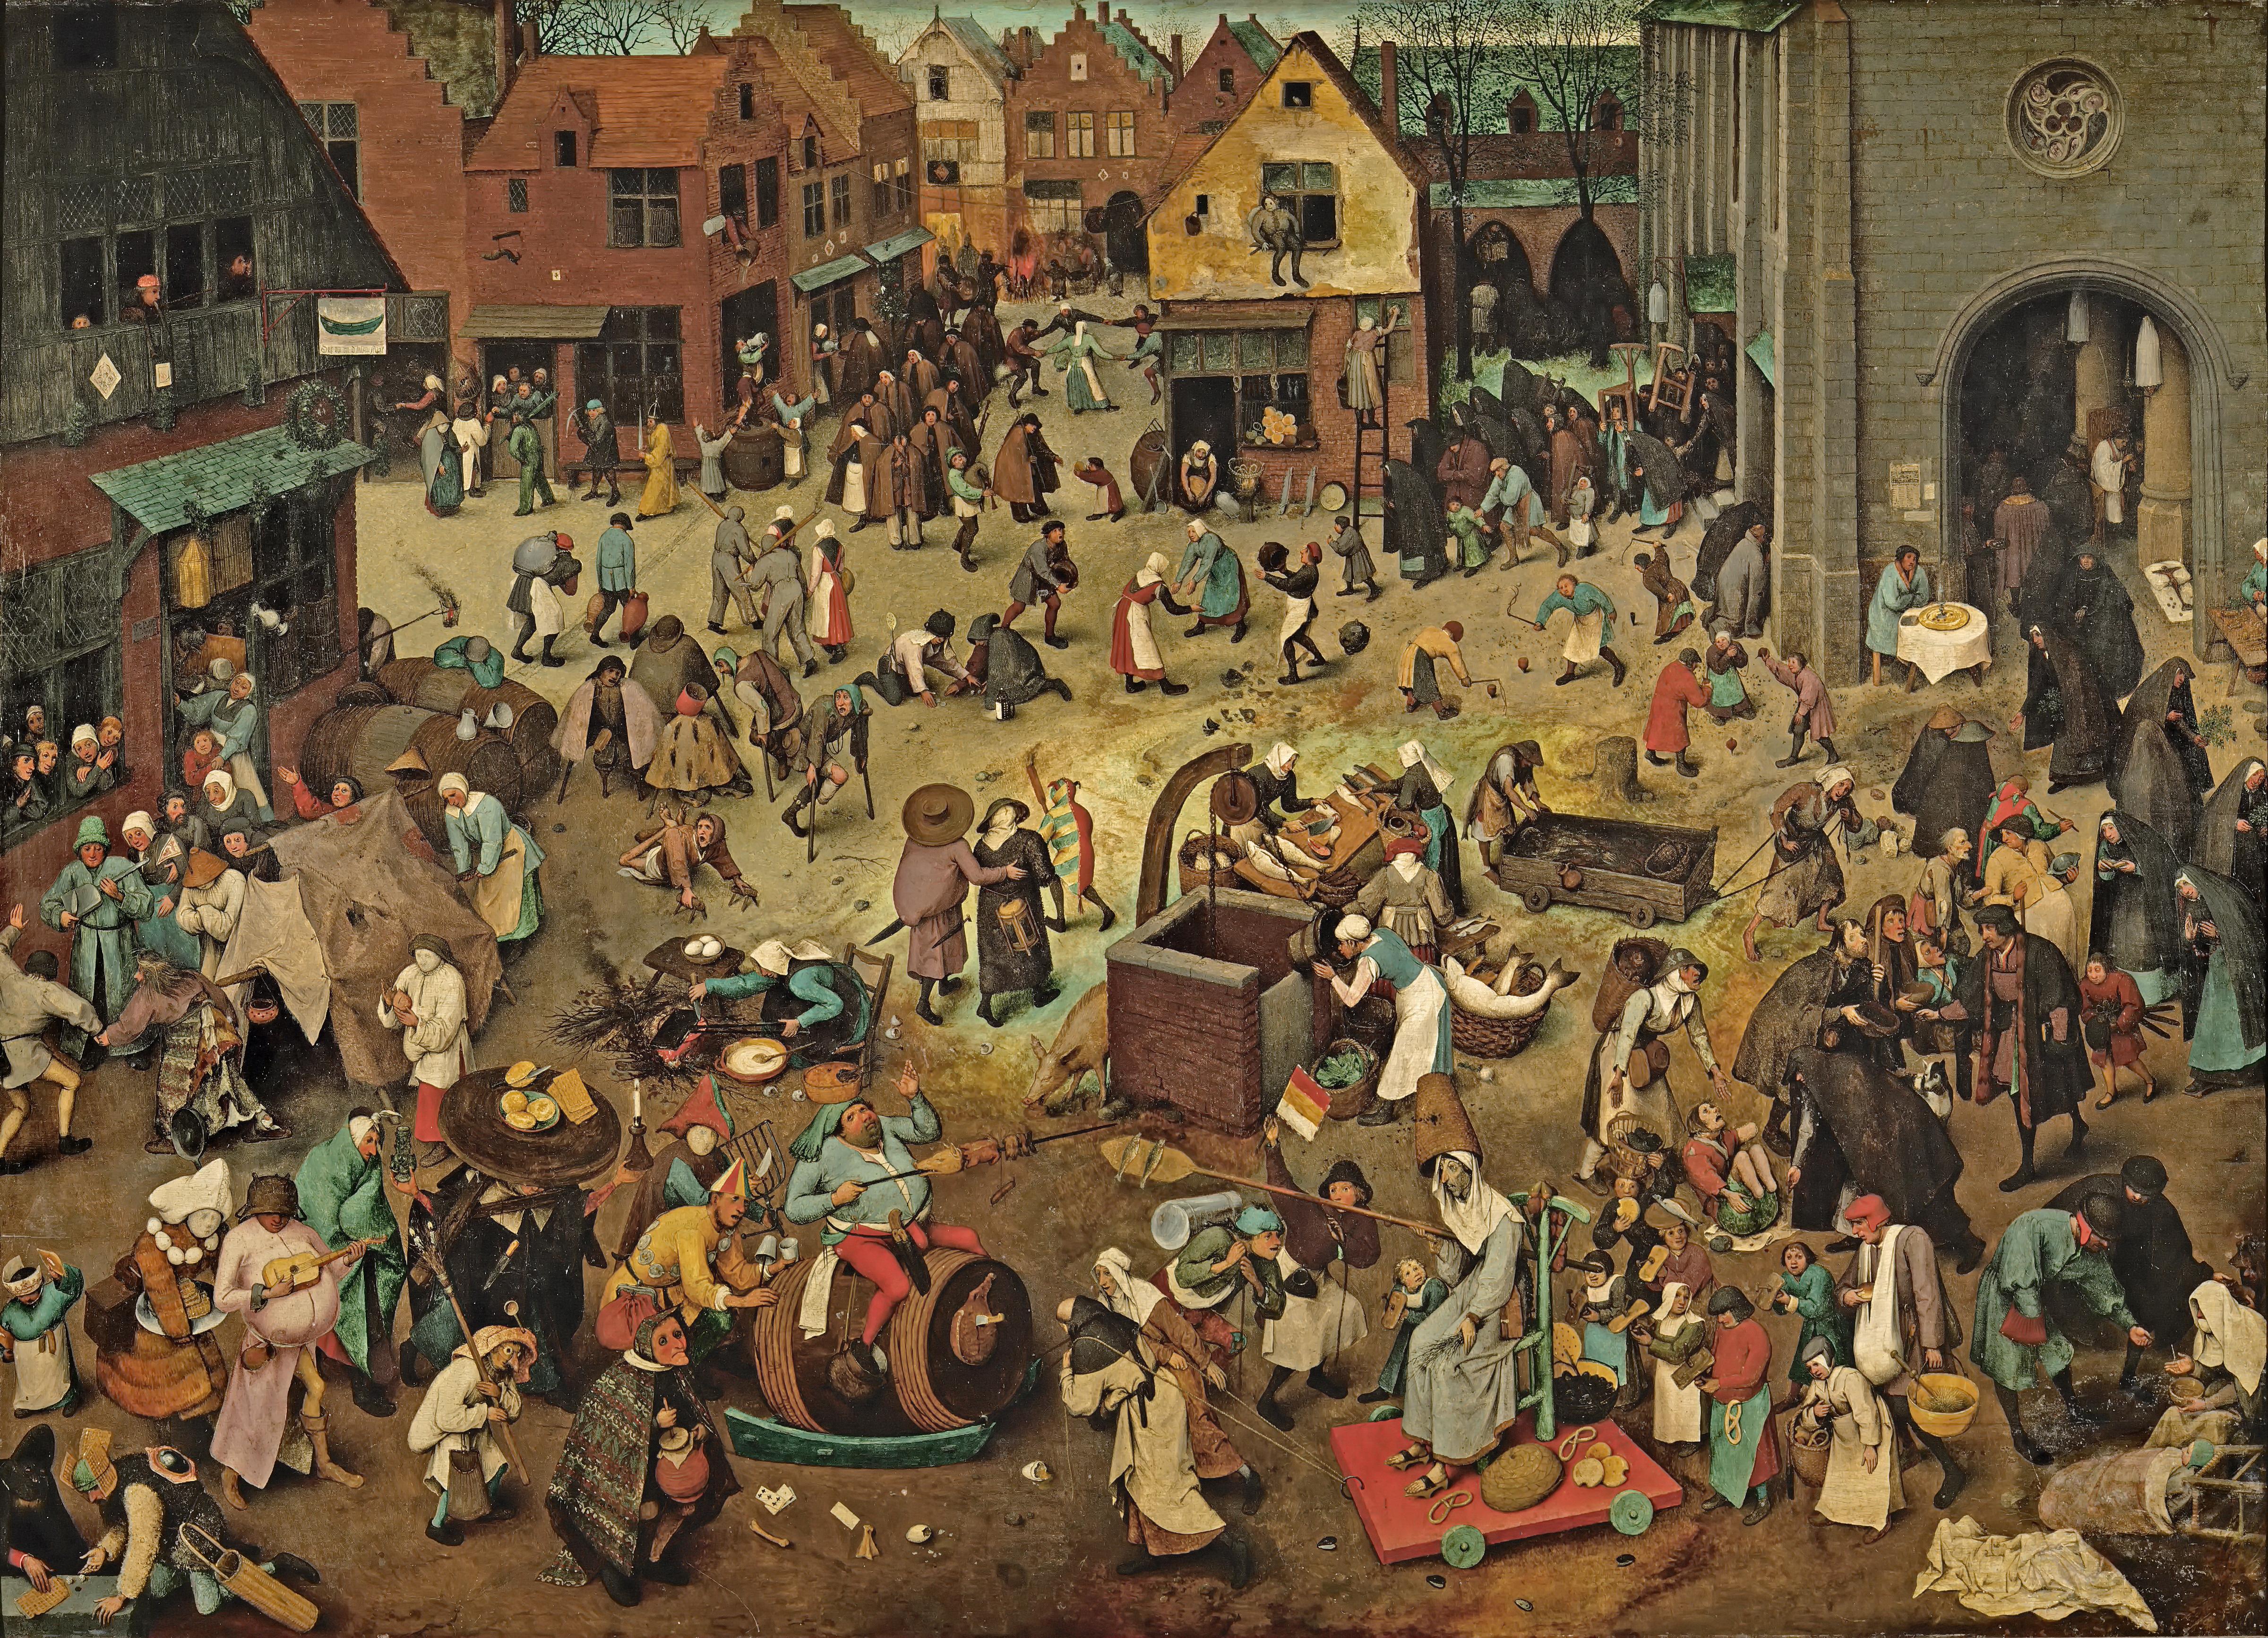 бахтин, Творчество Франсуа Рабле и народная культура средневековья и Ренессанса, карнавальная культура, гаргантюа и пантагрюэль